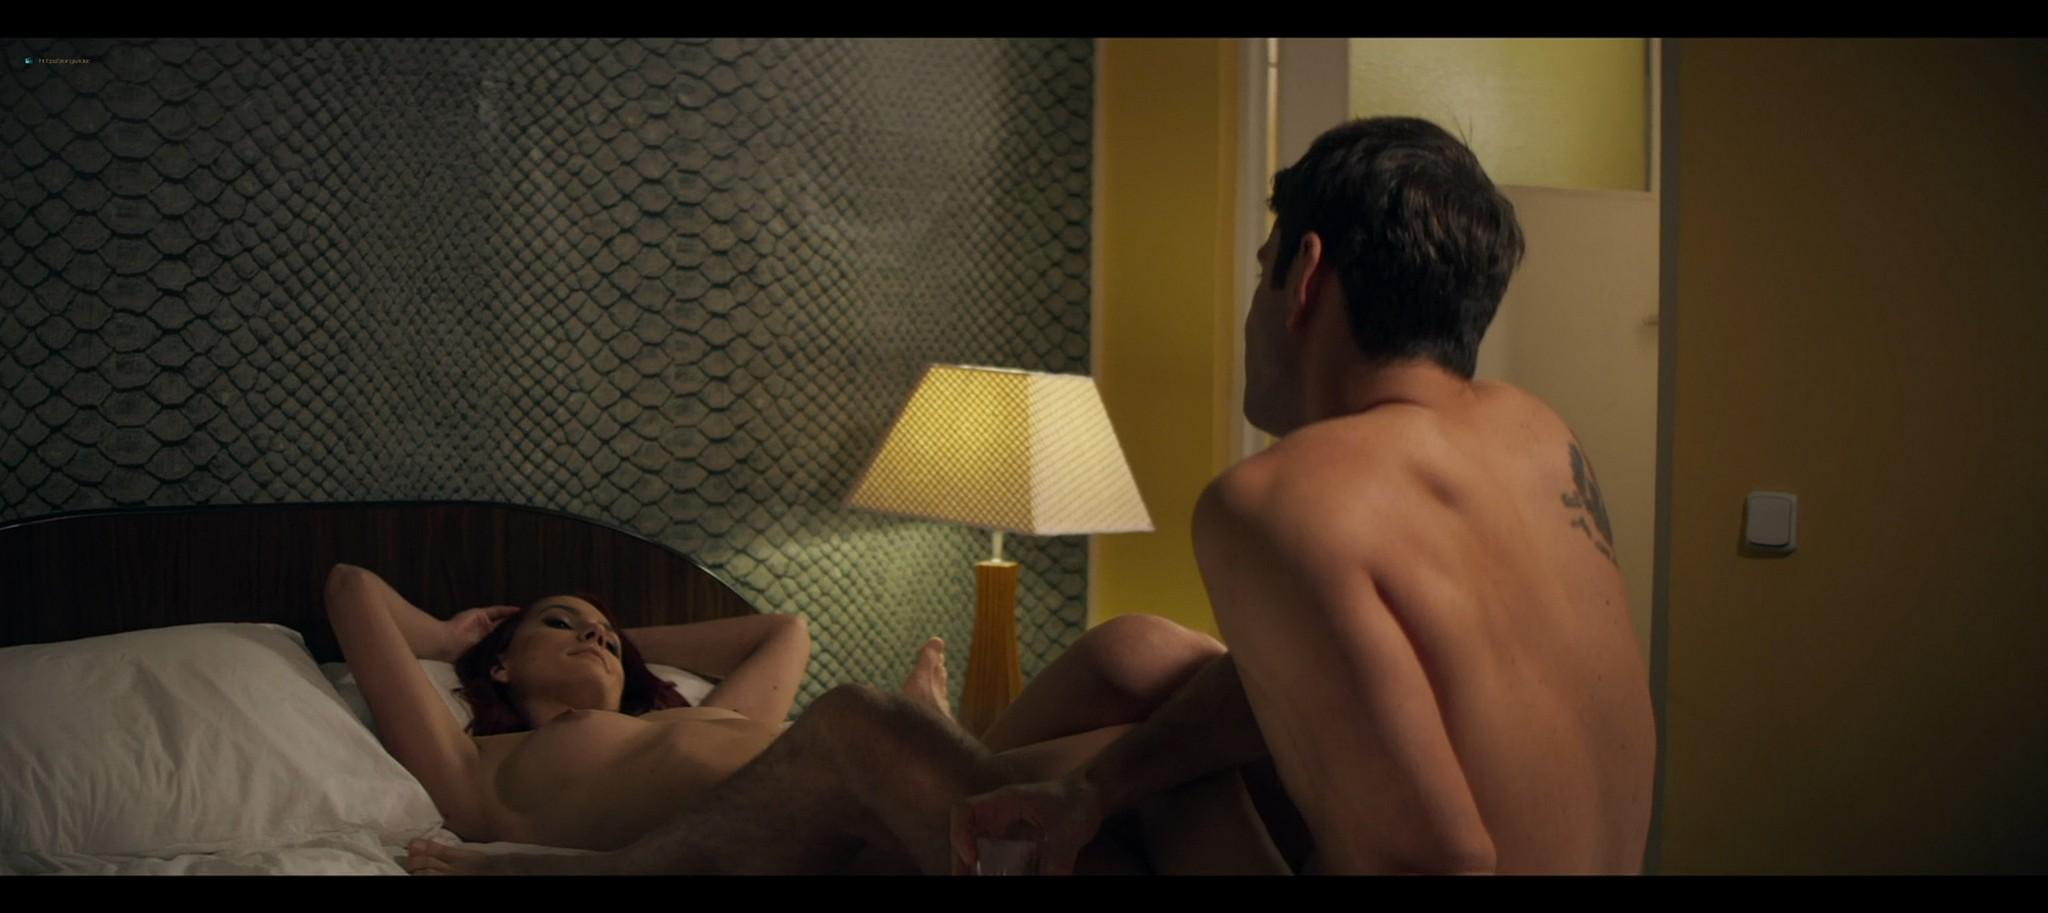 Michelle J Wright nude and sex Gabriela Brinza nude sex Introspectum Motel 2021 1080p Web 6